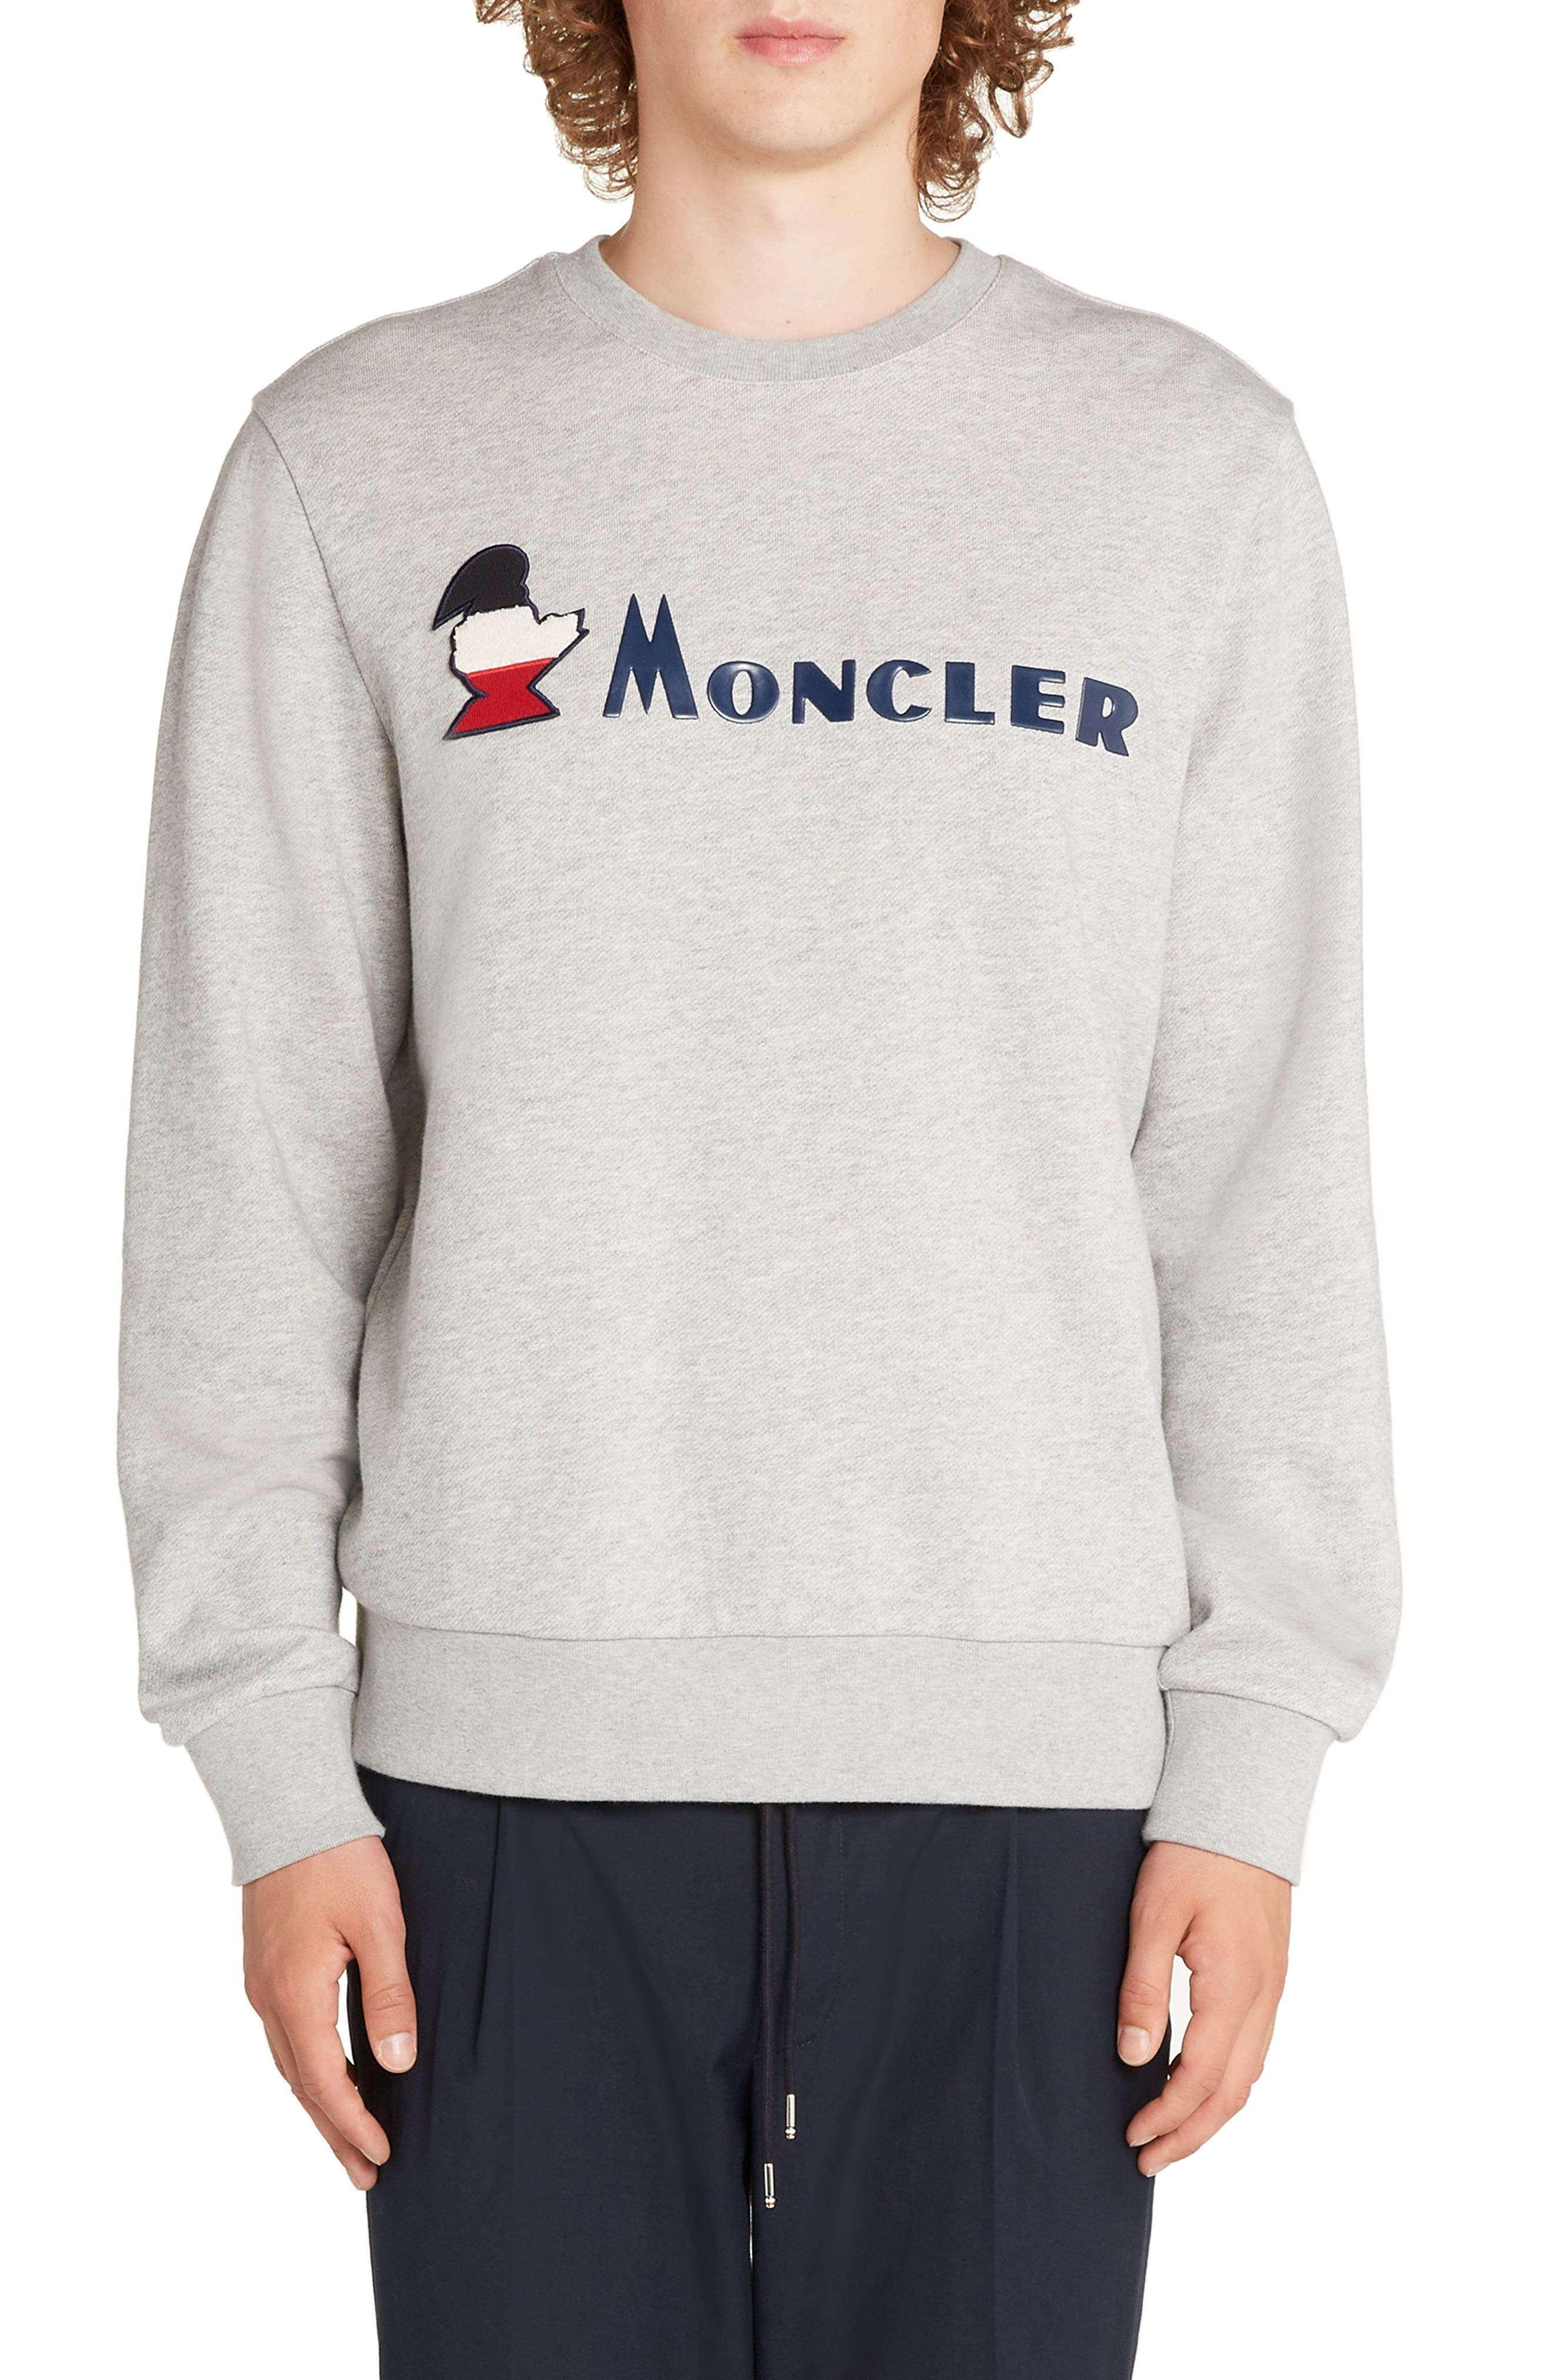 MONCLER Logo Crewneck Sweatshirt, Main, color, DARK GREY